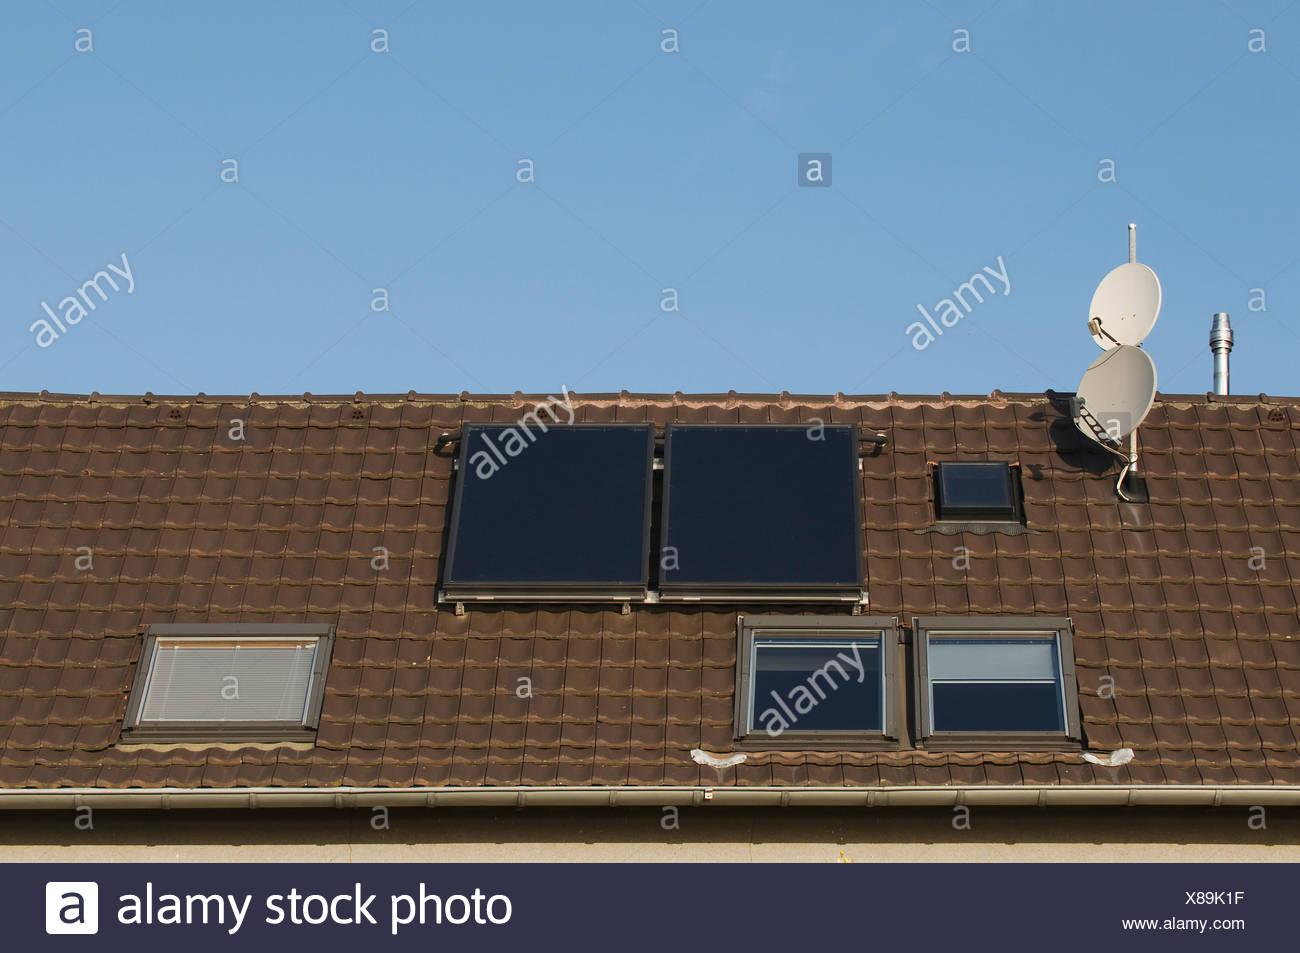 Techo con ventanas de techo, antenas parabólicas y paneles solares térmicos, la inversión en propiedad, PublicGround Imagen De Stock